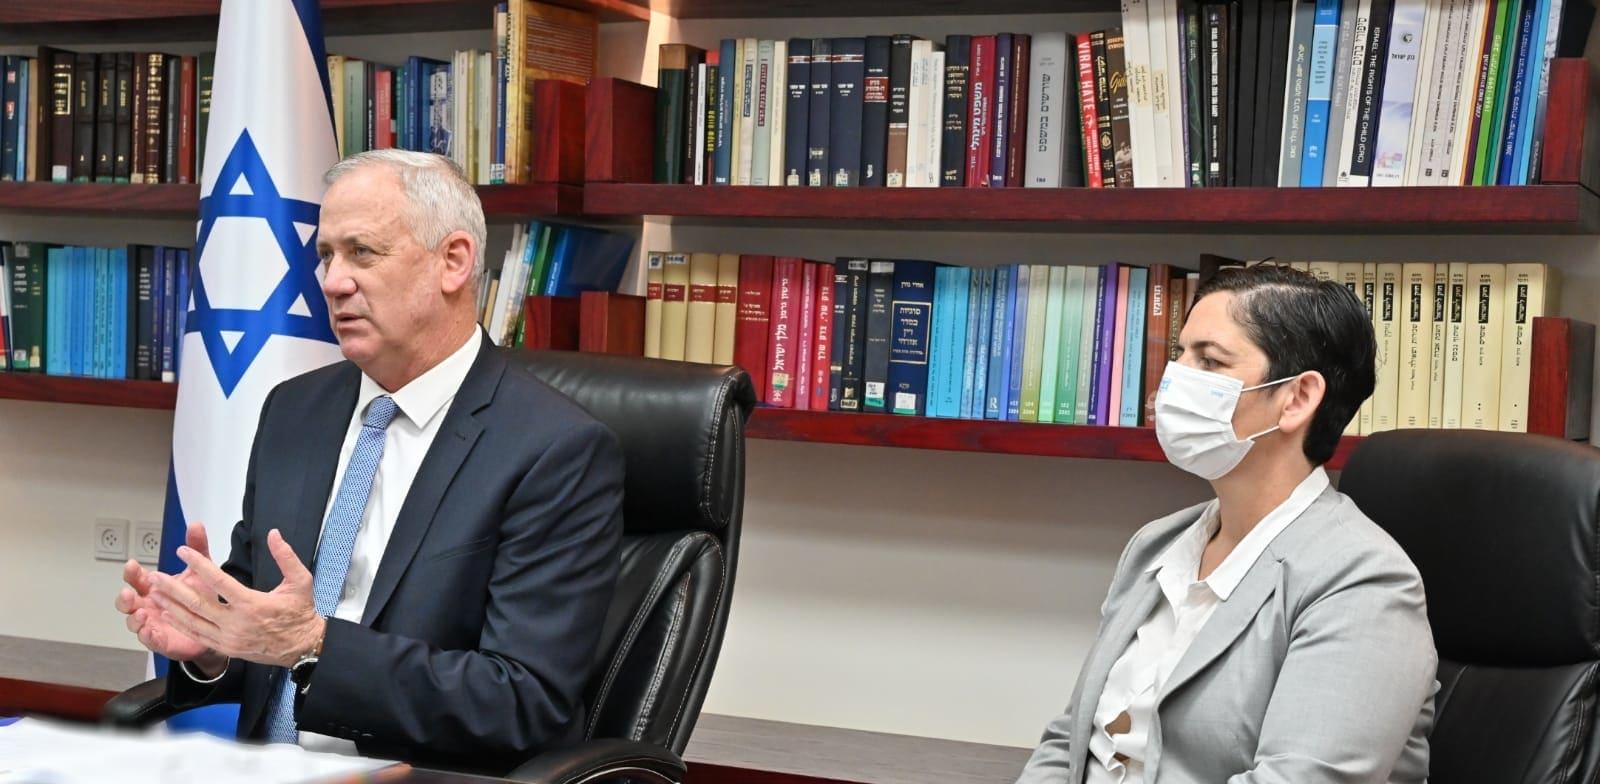 בני גנץ בשיחת פתיחה עם בכירי משרד המשפטים / צילום: אריאל חרמוני, משרד הביטחון